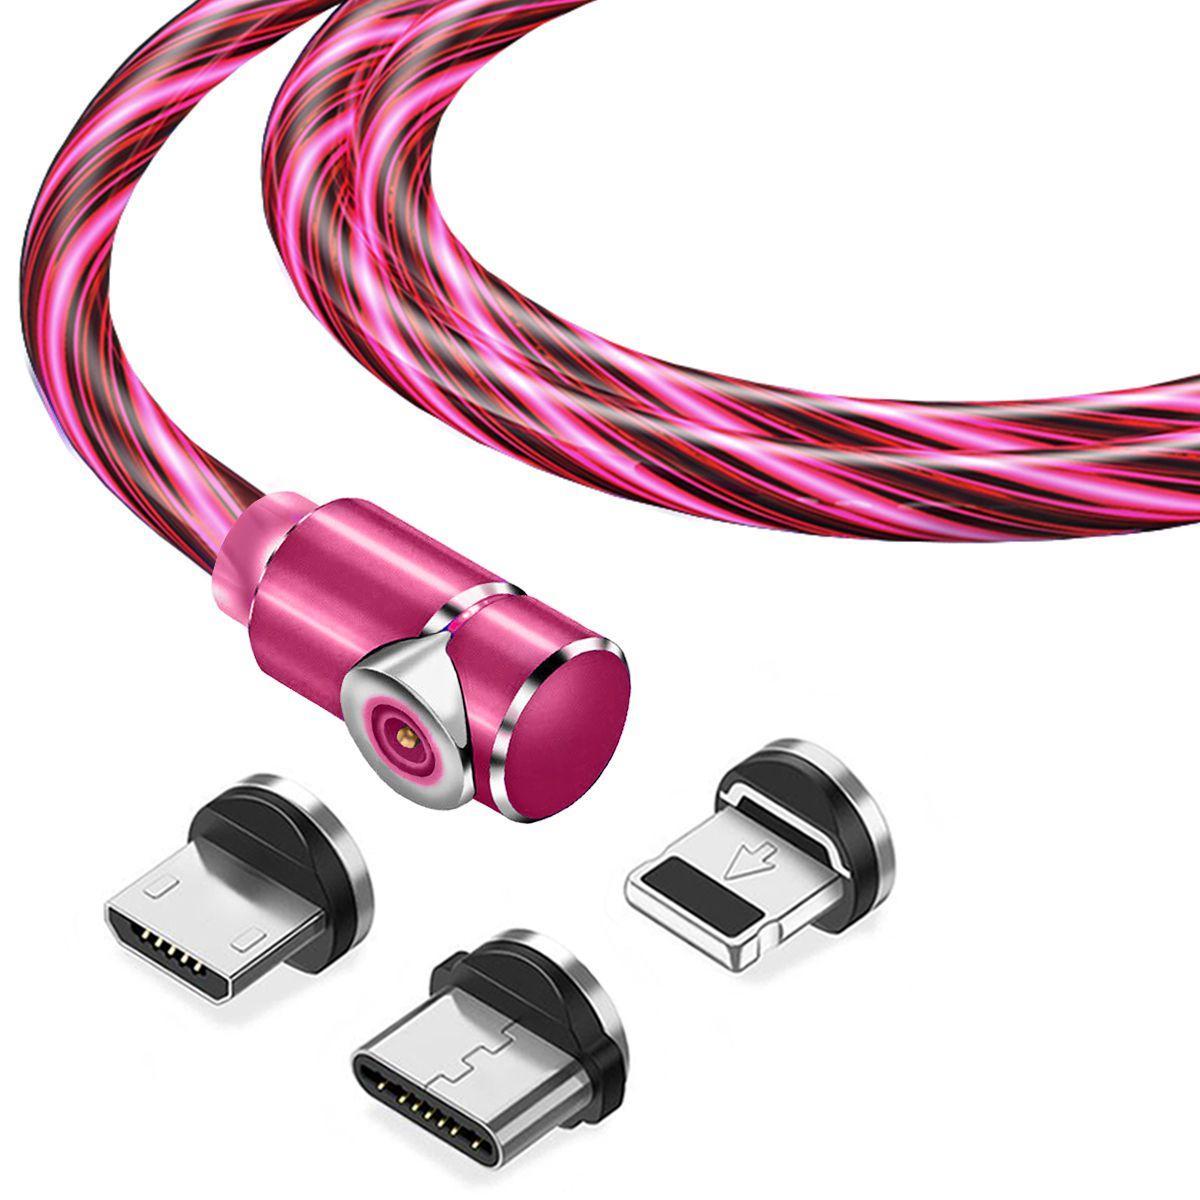 Магнитный кабель TOPK 3в1 (LZ) для зарядки (100 см) Red